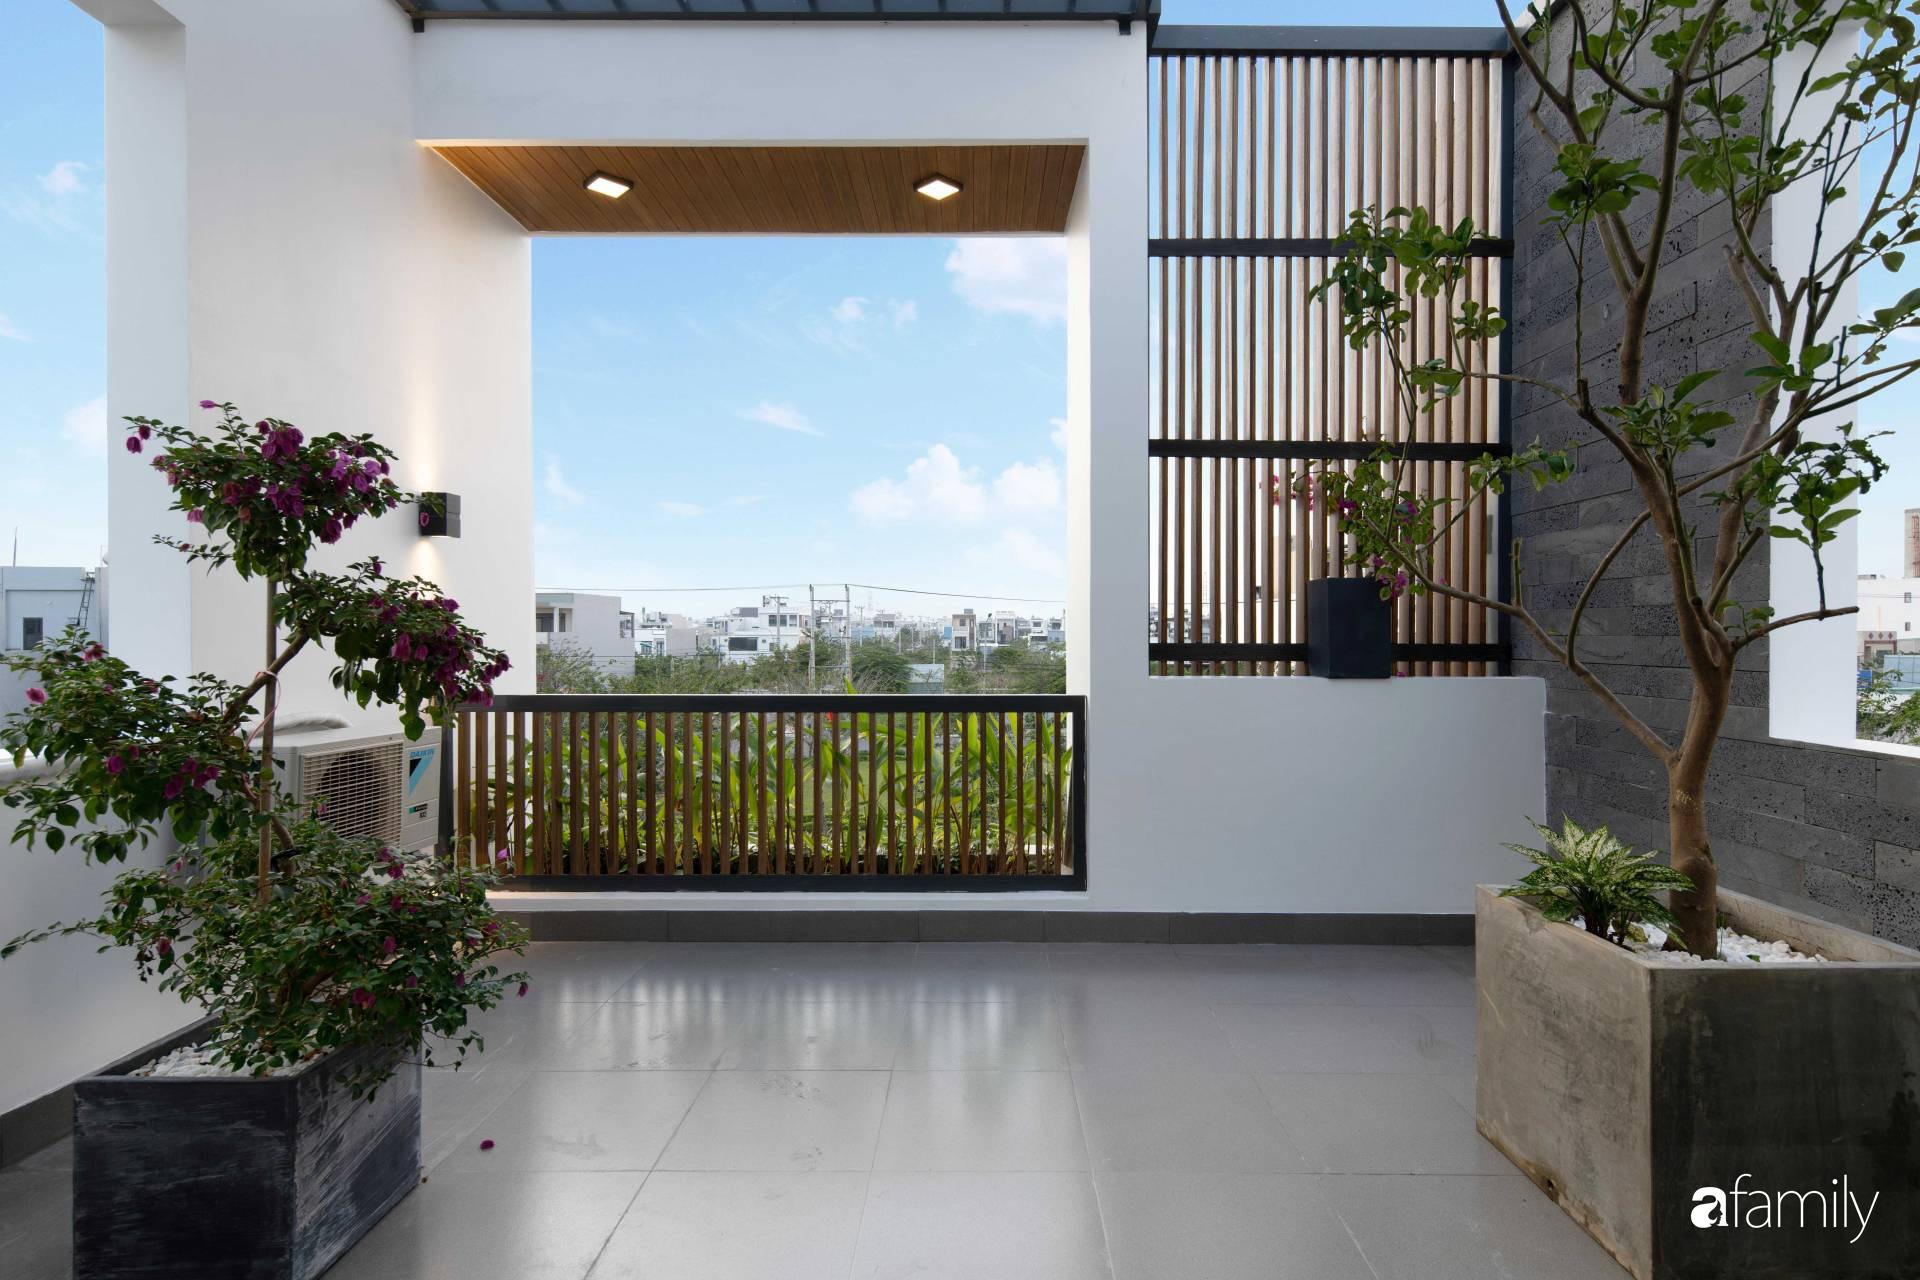 Ngôi nhà 100m2 thiết kế thông minh, tiện lợi dành cho gia đình 3 thế hệ ở Đà Nẵng - Ảnh 20.